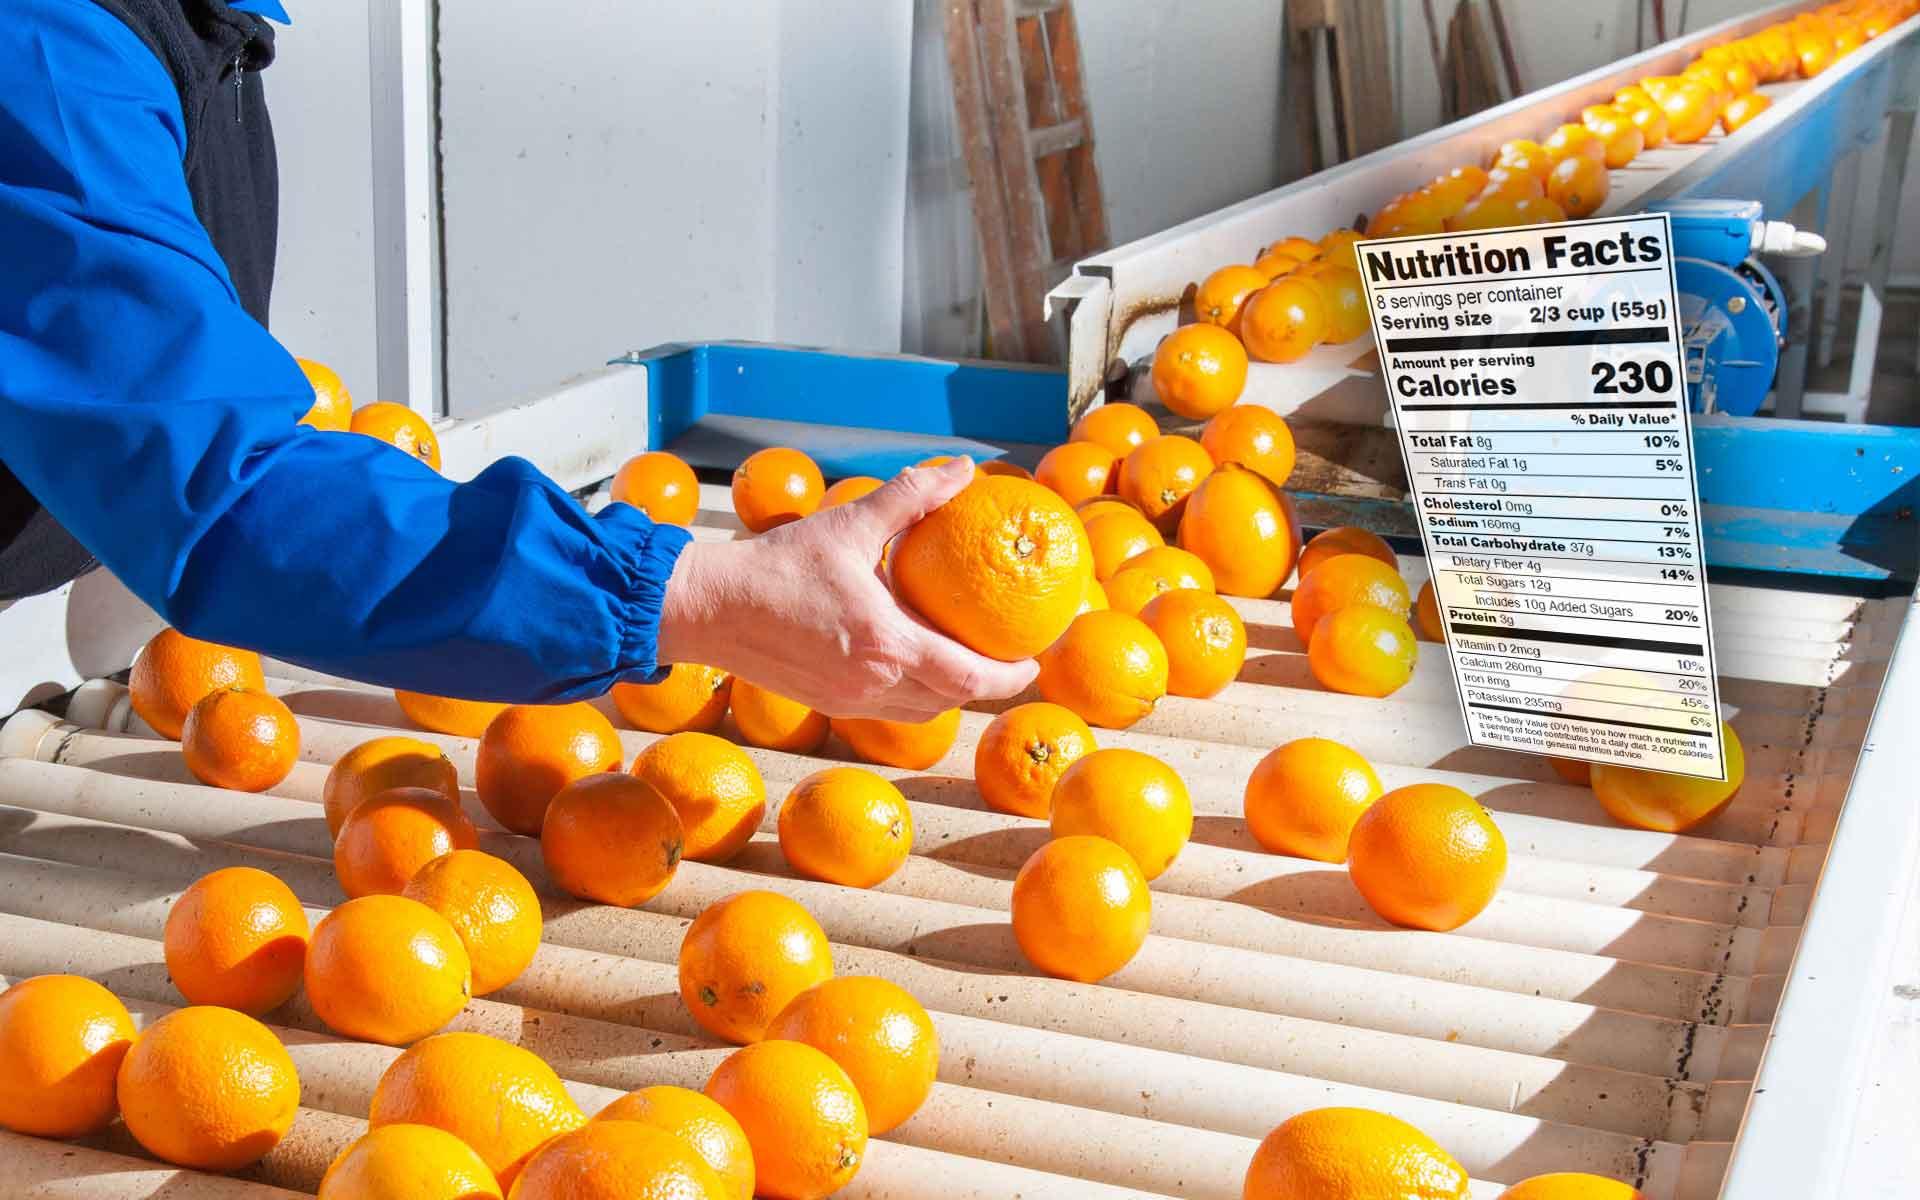 Naranajas, alimentos que forman parte del análisis de valores nutricionales de AGQ Labs Espña